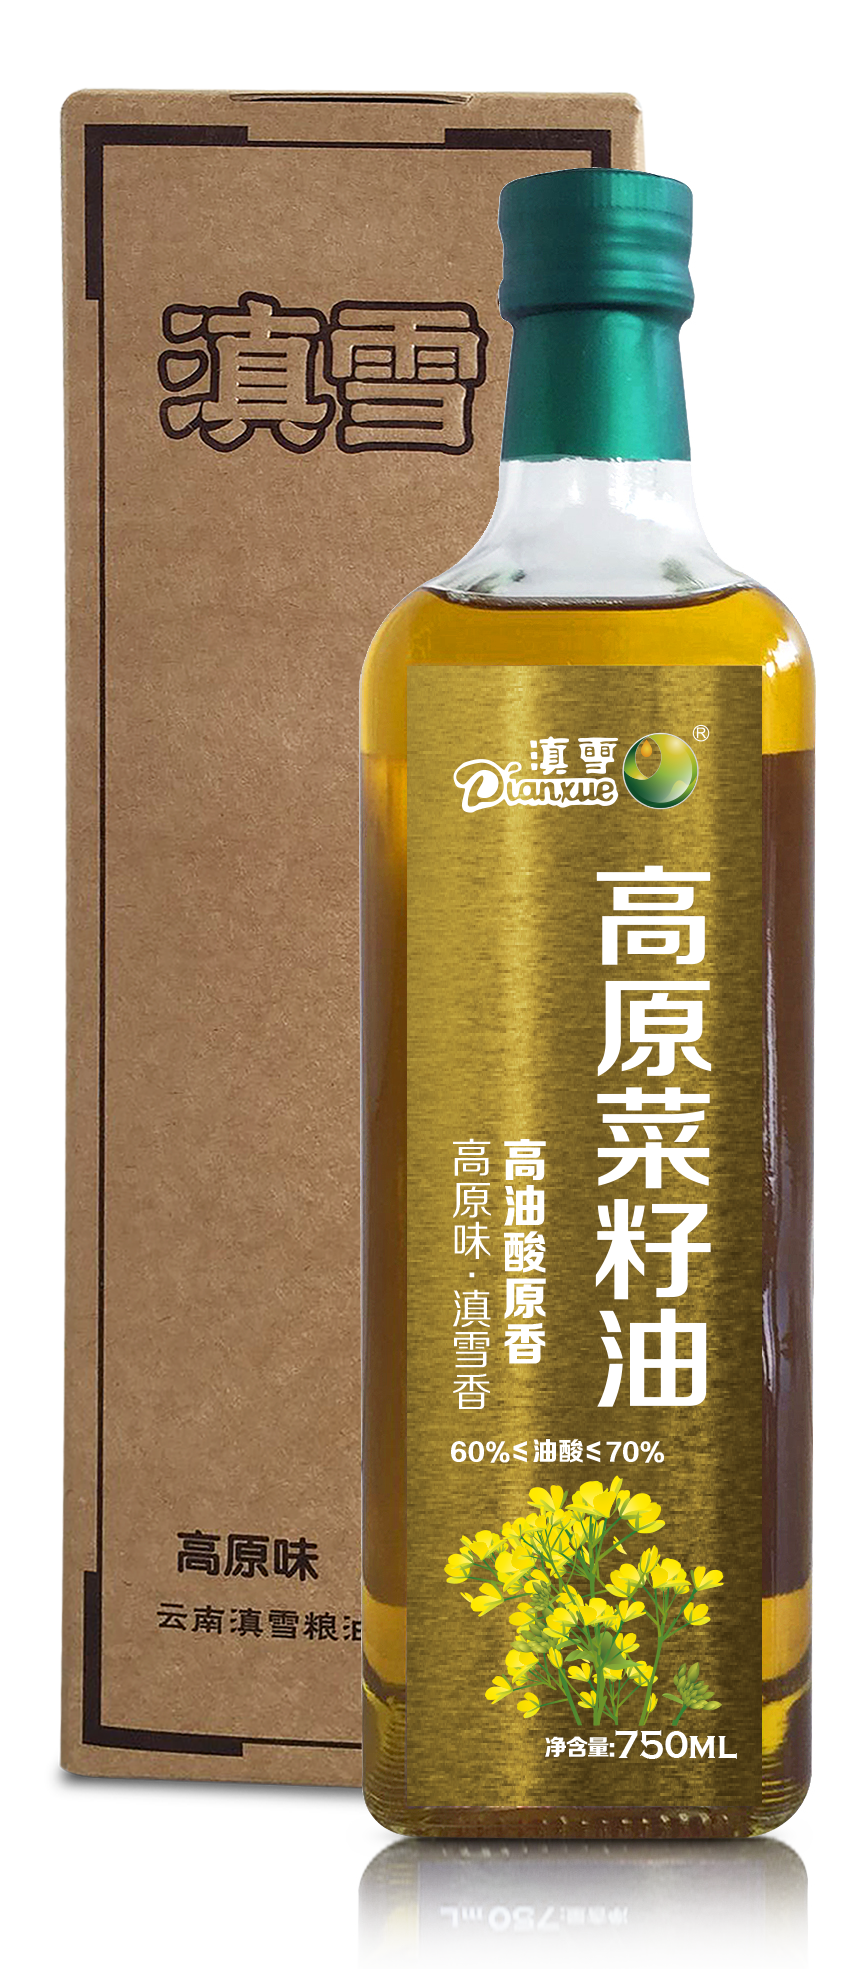 滇雪高原酸原香菜籽油-750ML-2.png